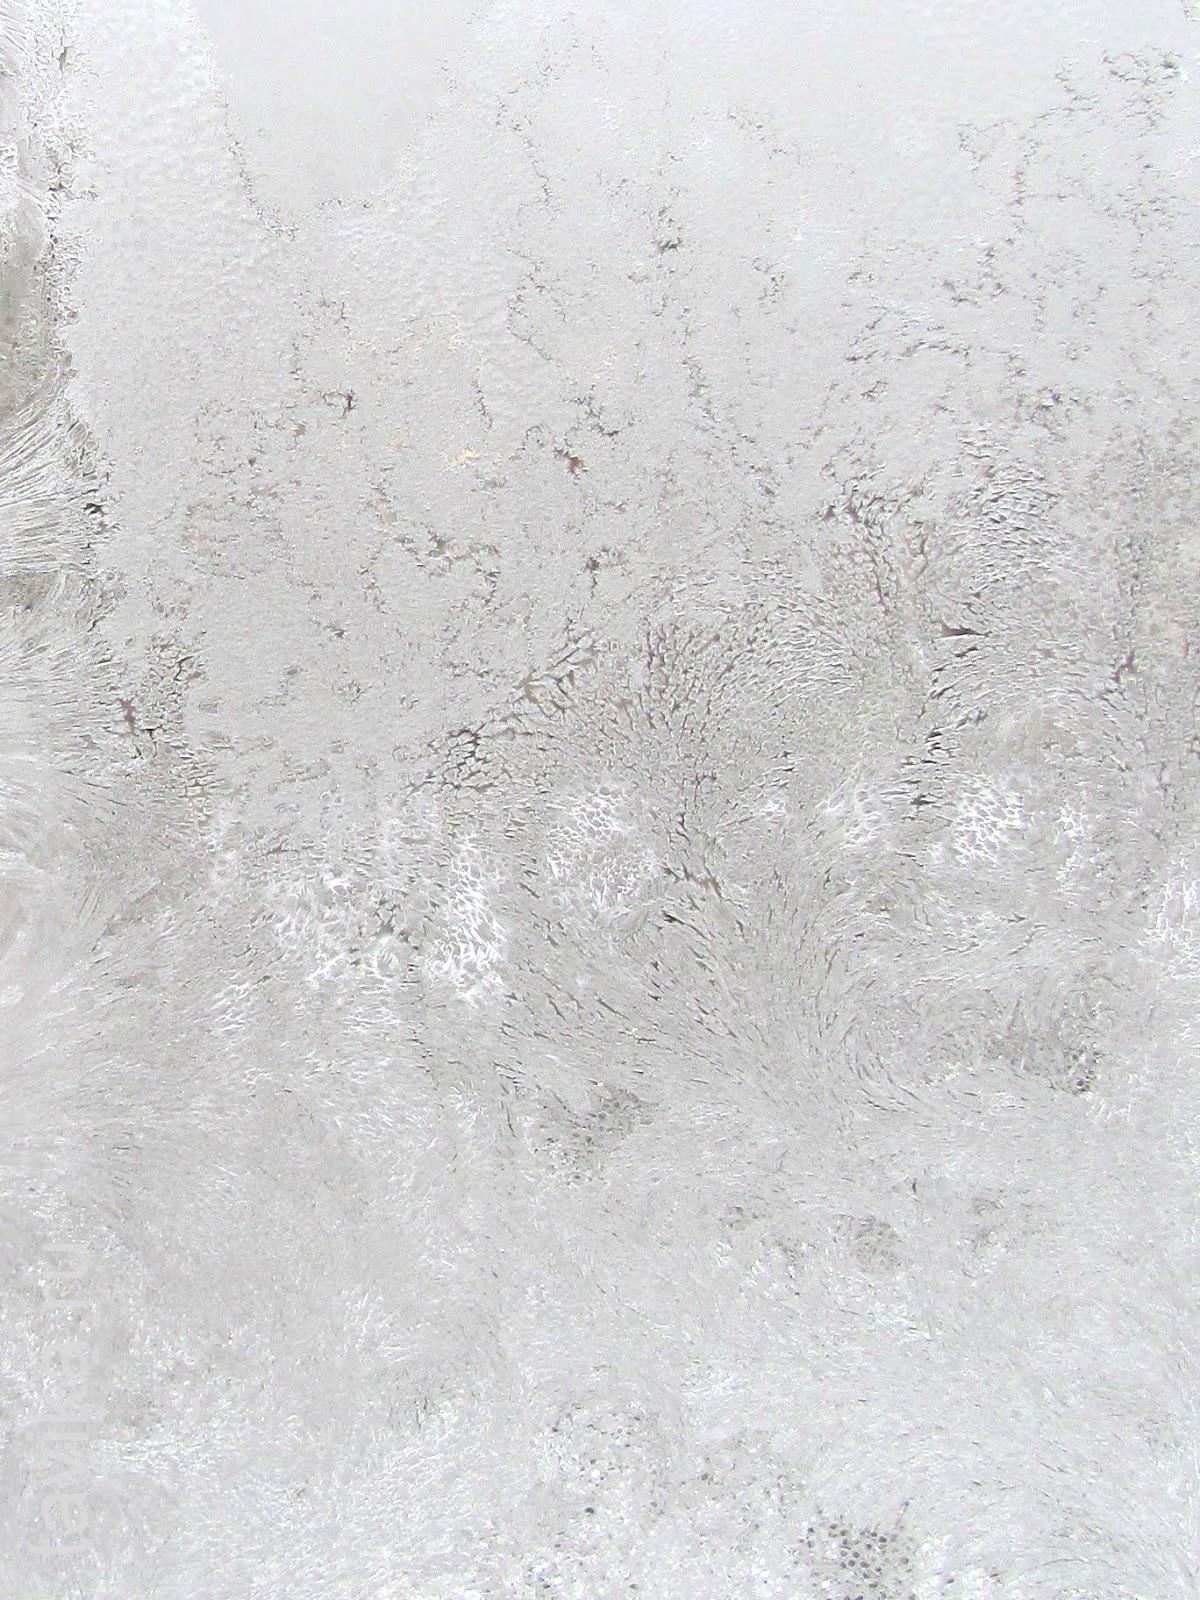 морозные узоры на окнах